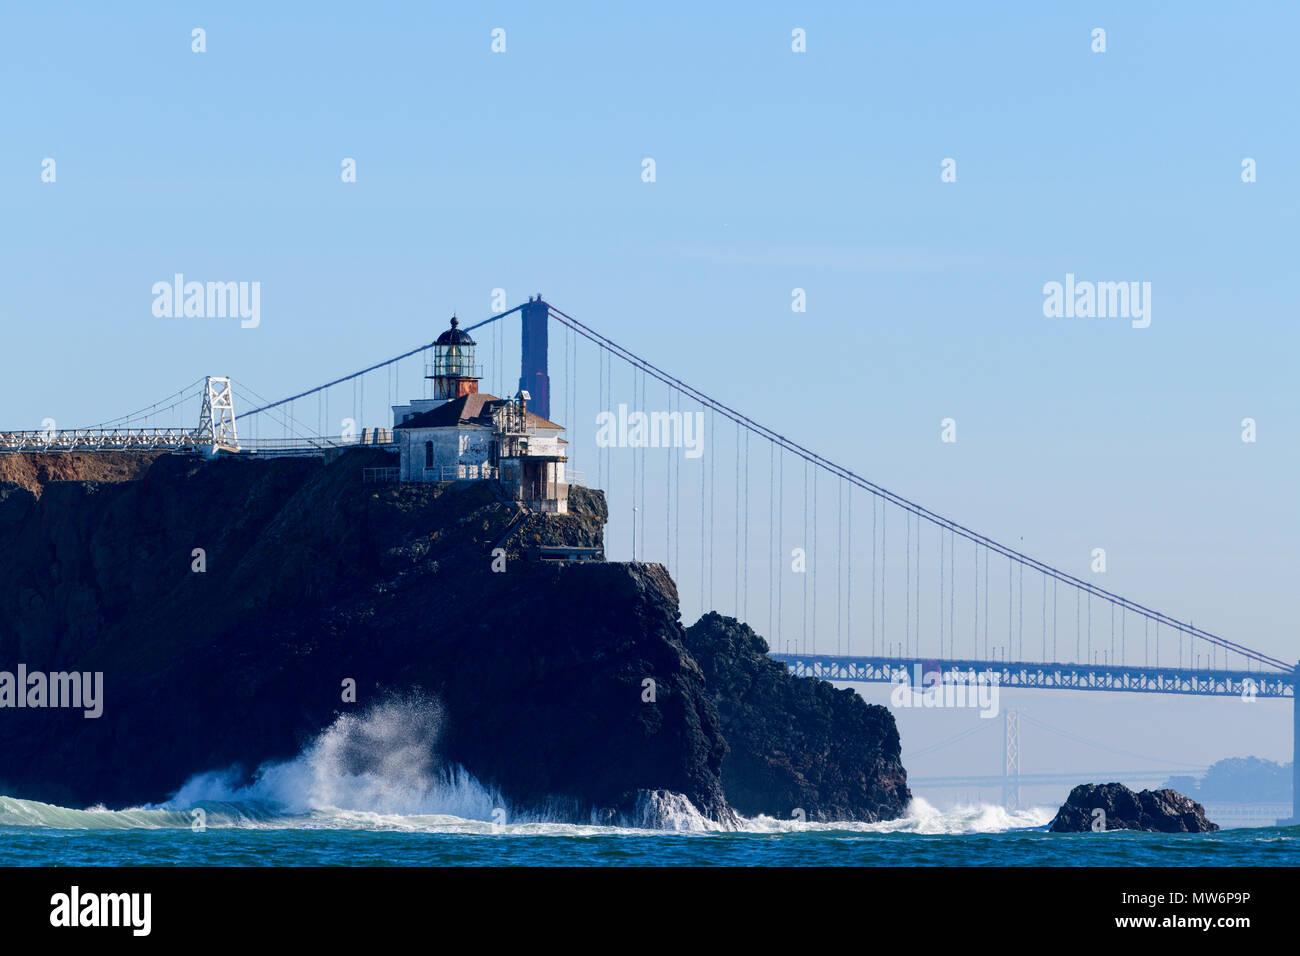 El faro de Punta Bonita en el área recreativa nacional Golden Gate en San Francisco, CA, EE.UU., como se ve desde un barco en el océano, Imagen De Stock